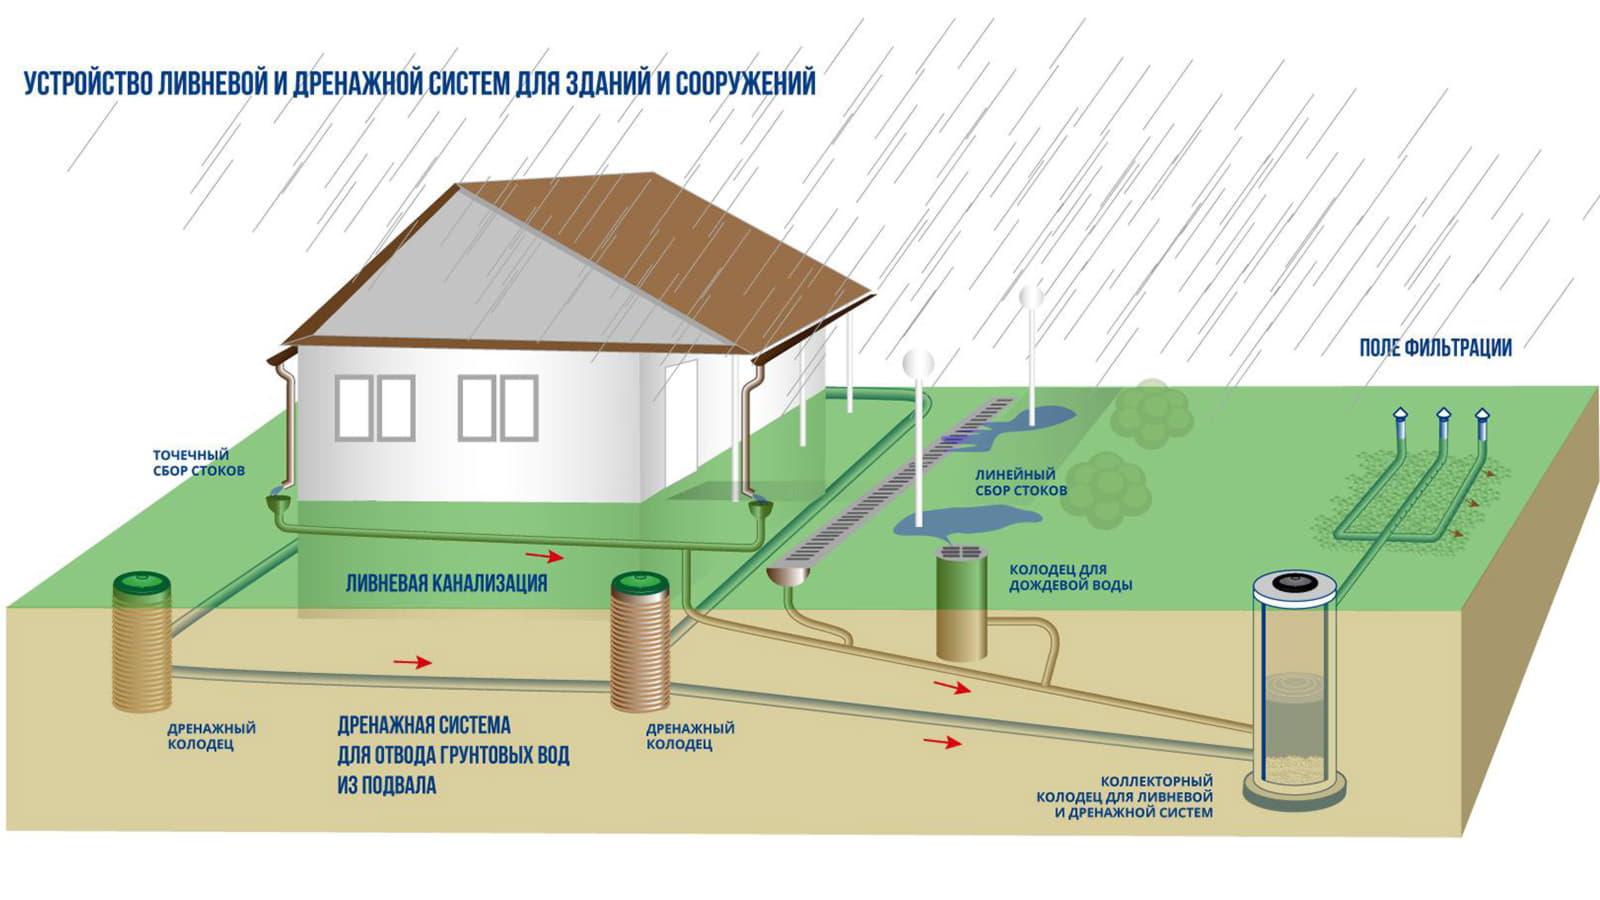 Нормы ливневой канализации